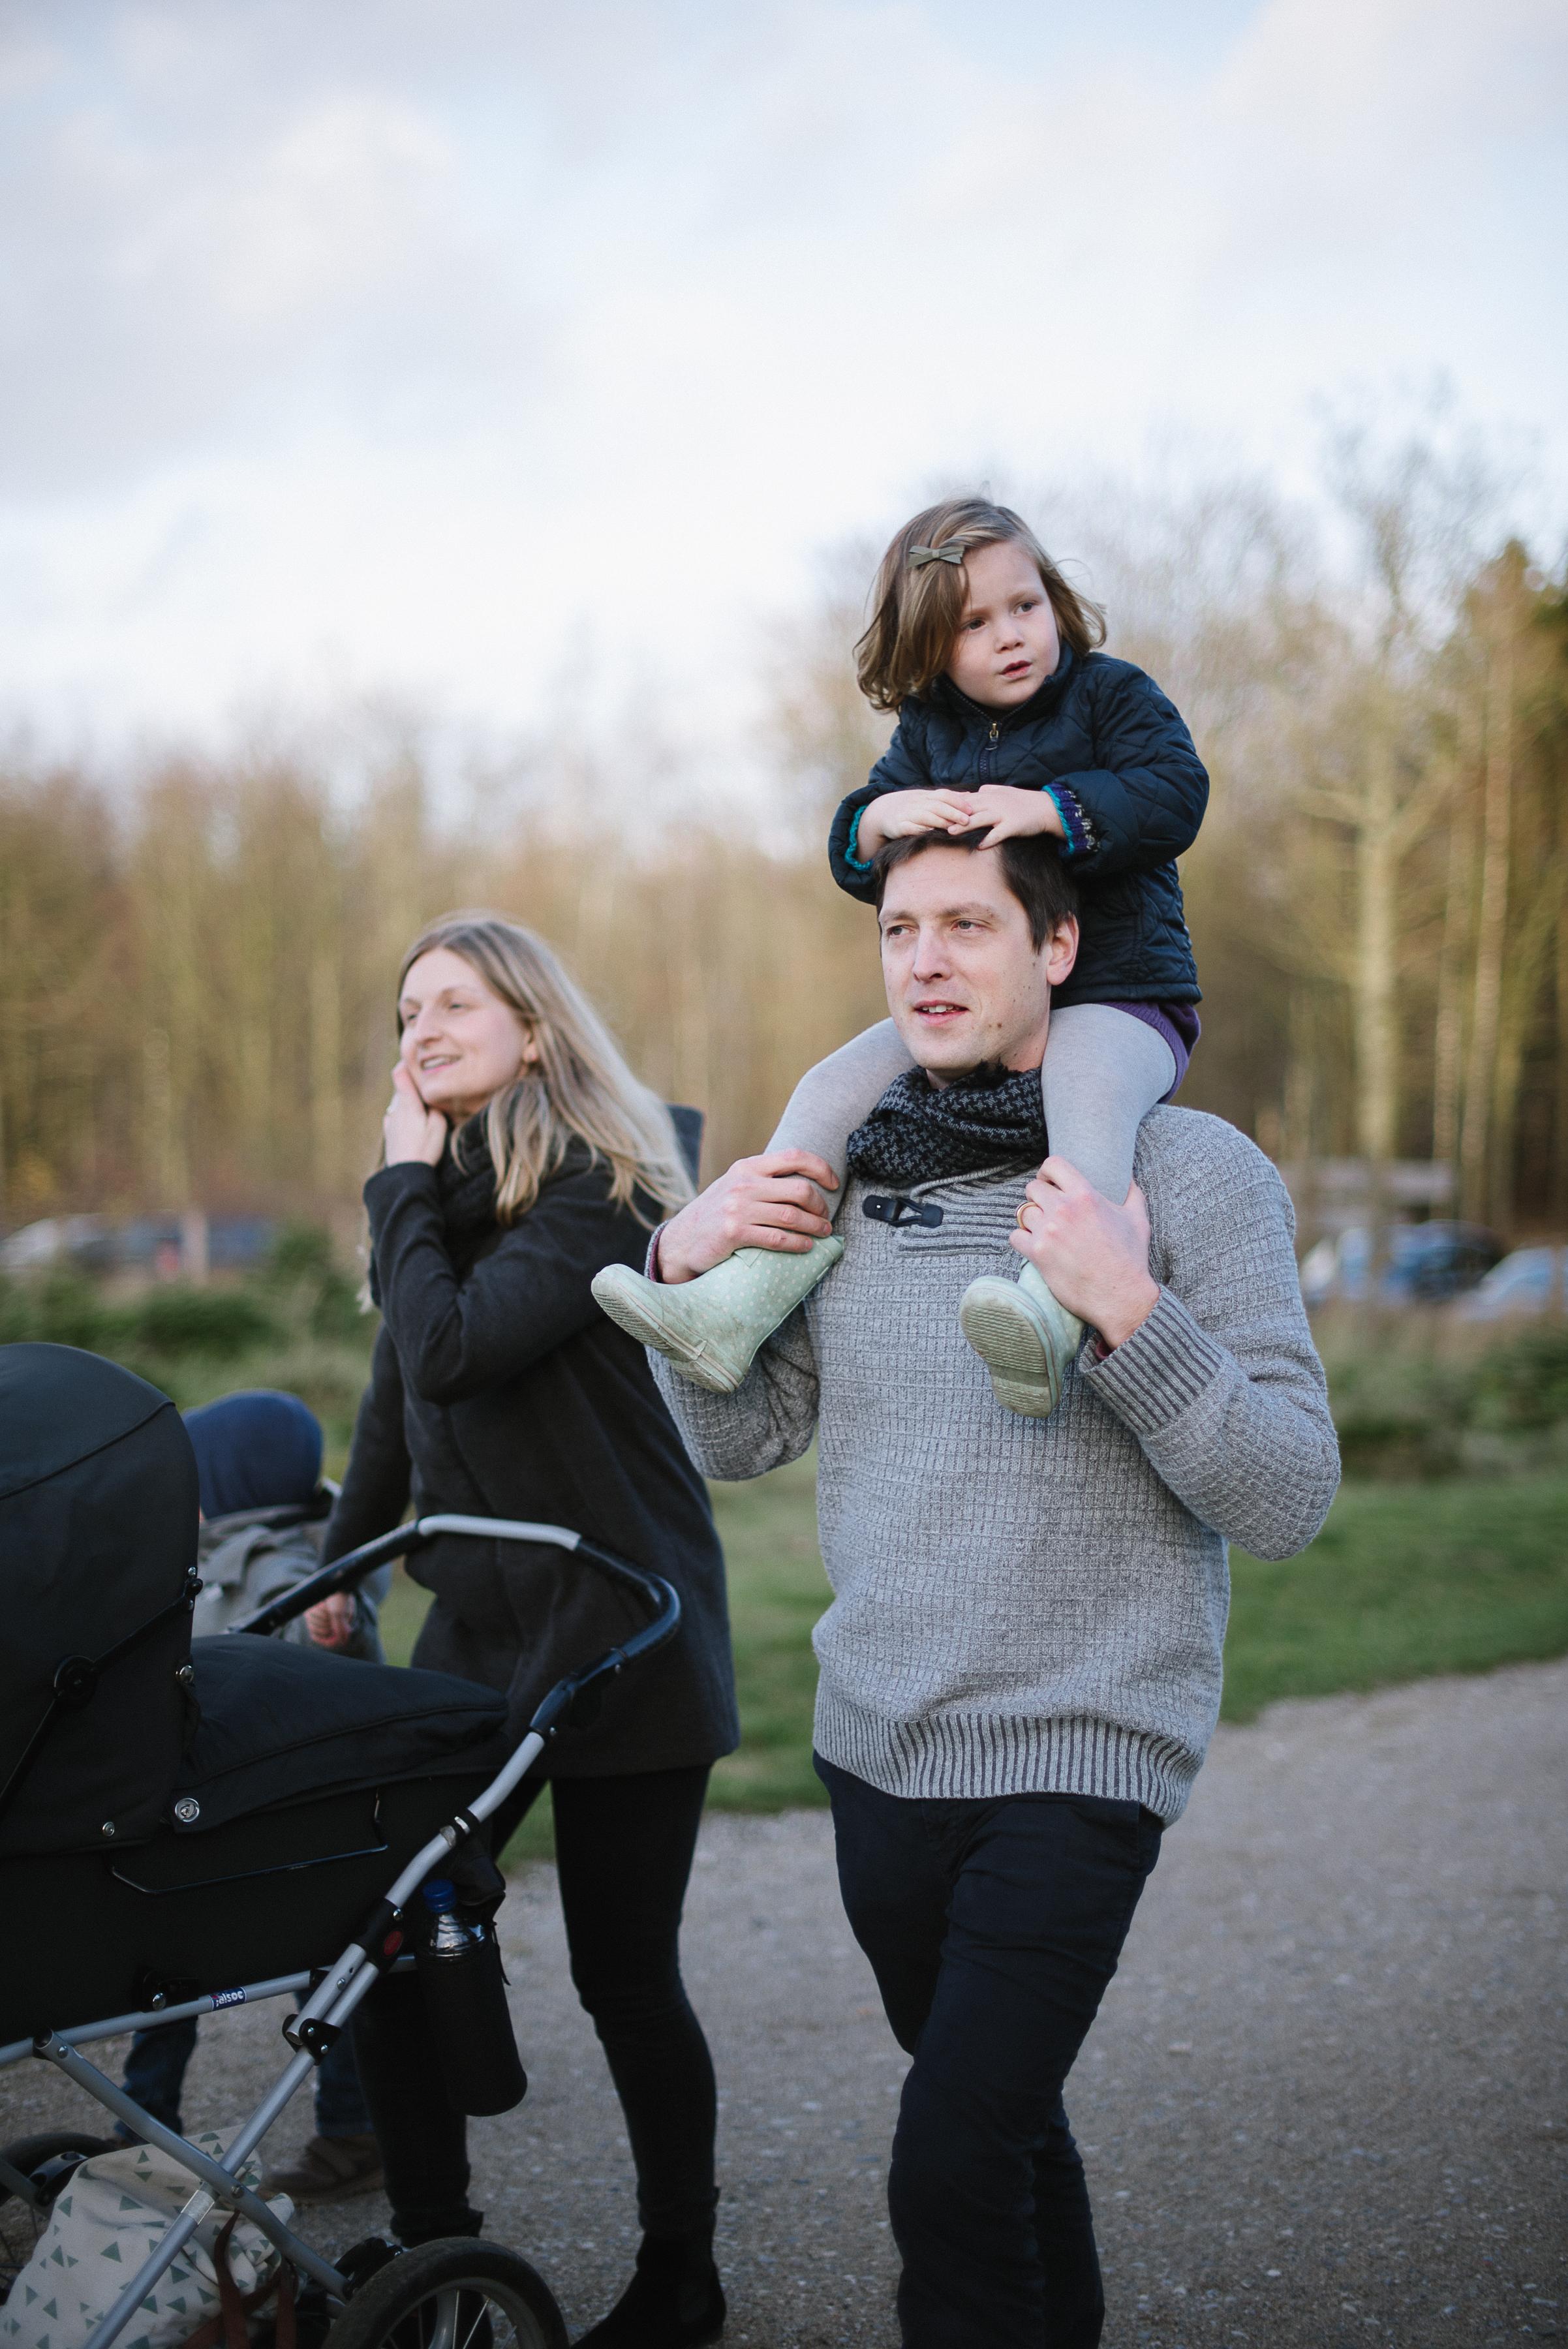 Family Portraits, Winter shoot, Denmark.